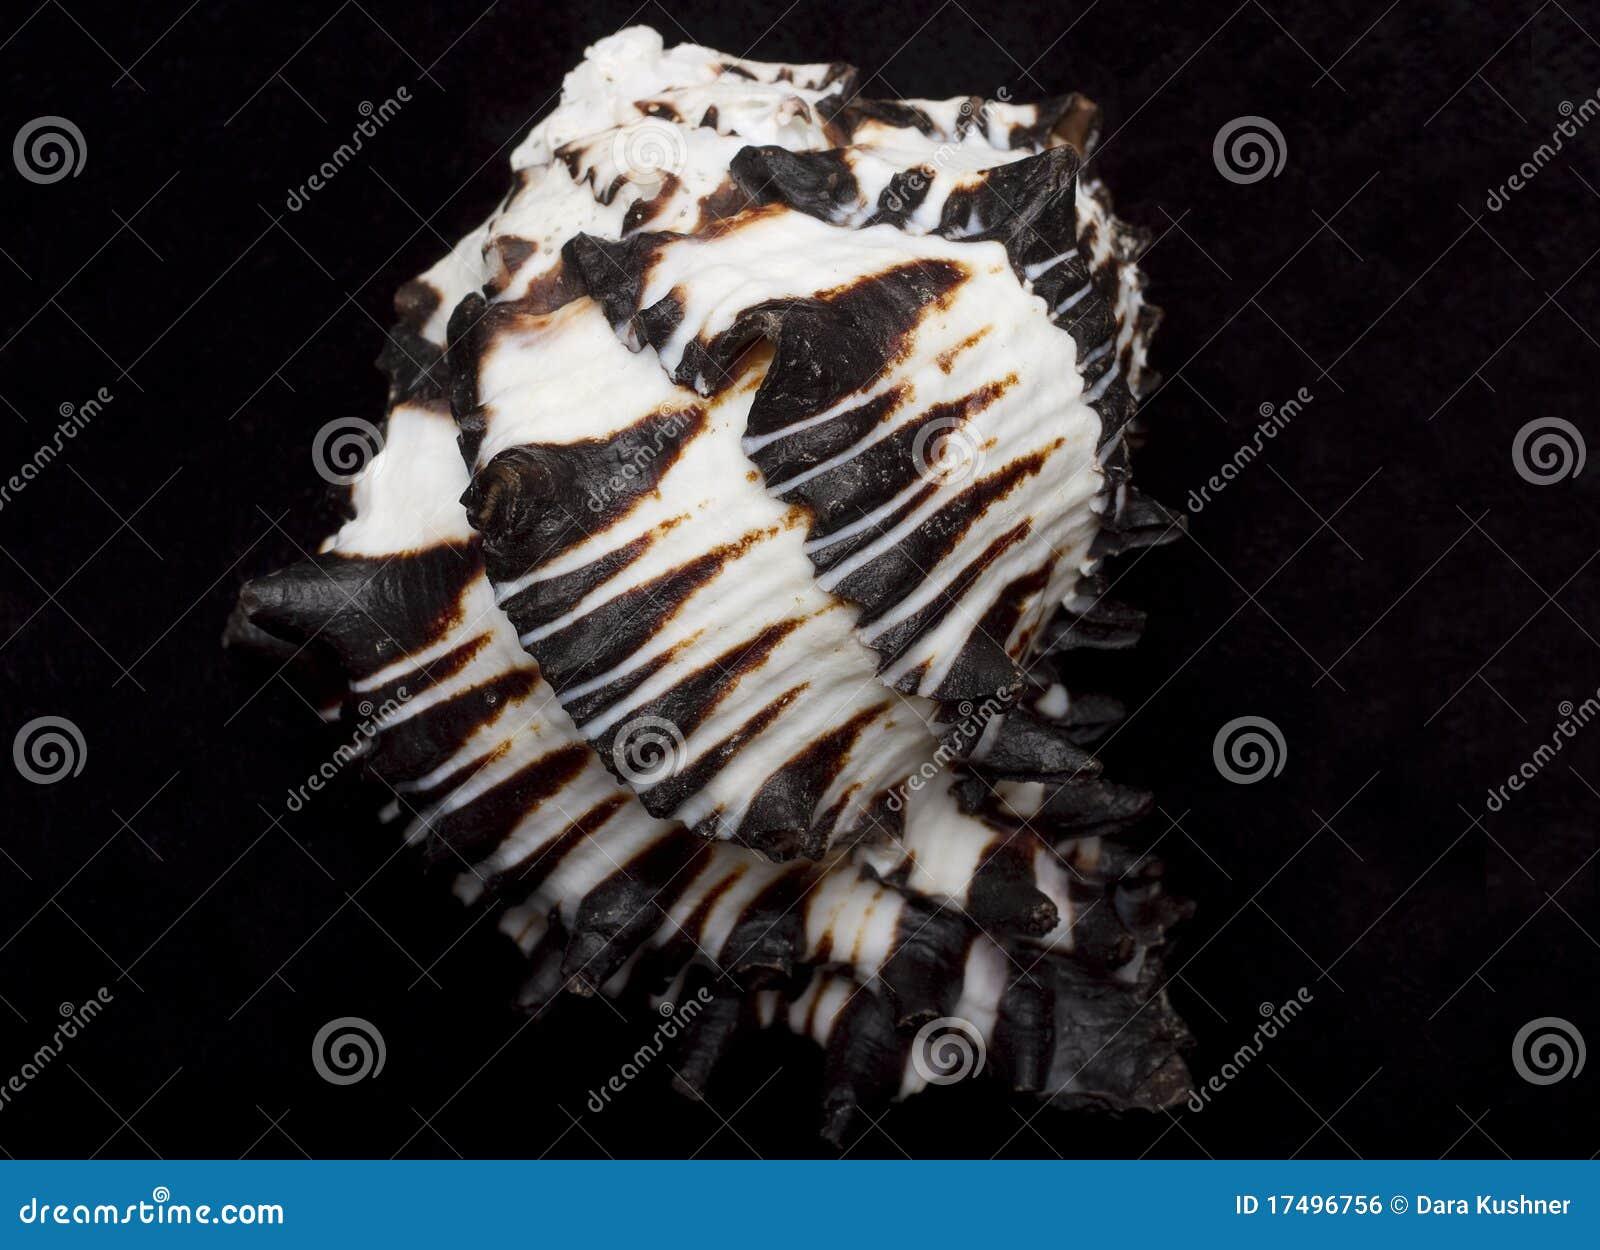 Seashell preto e branco